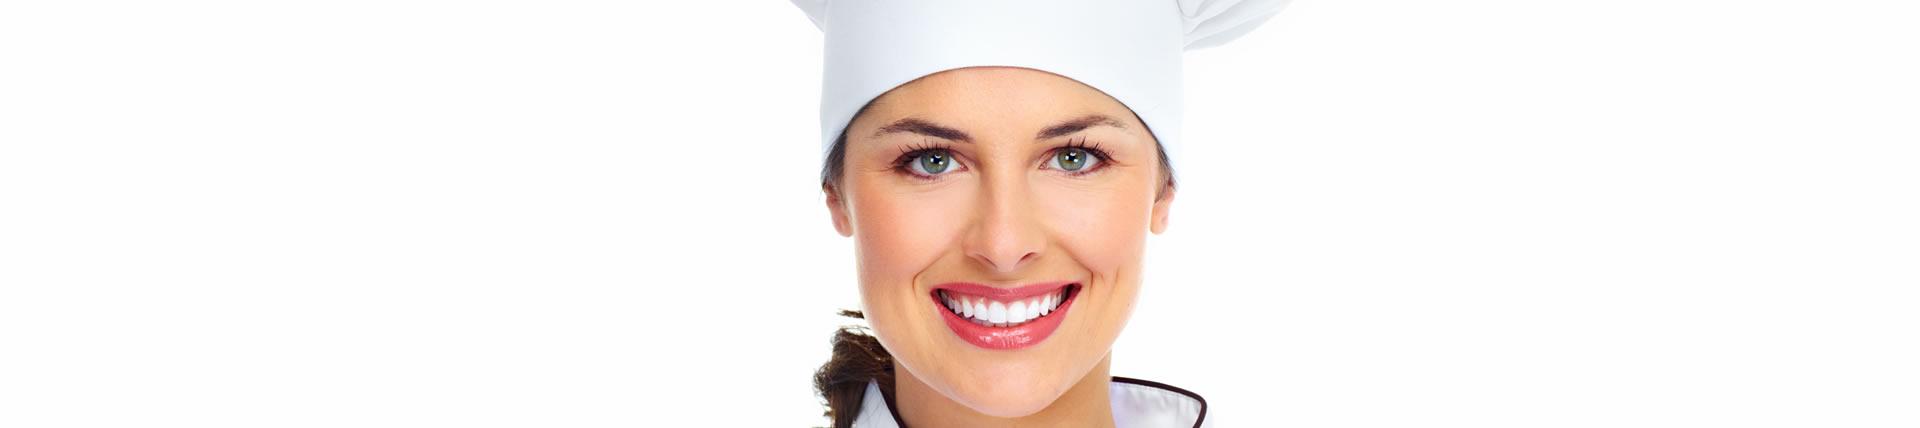 Ταχύρυθμες Σπουδές Μαγειρικής Τέχνης Σεμινάρια μαγειρικής Αλέρτας Διονύσης